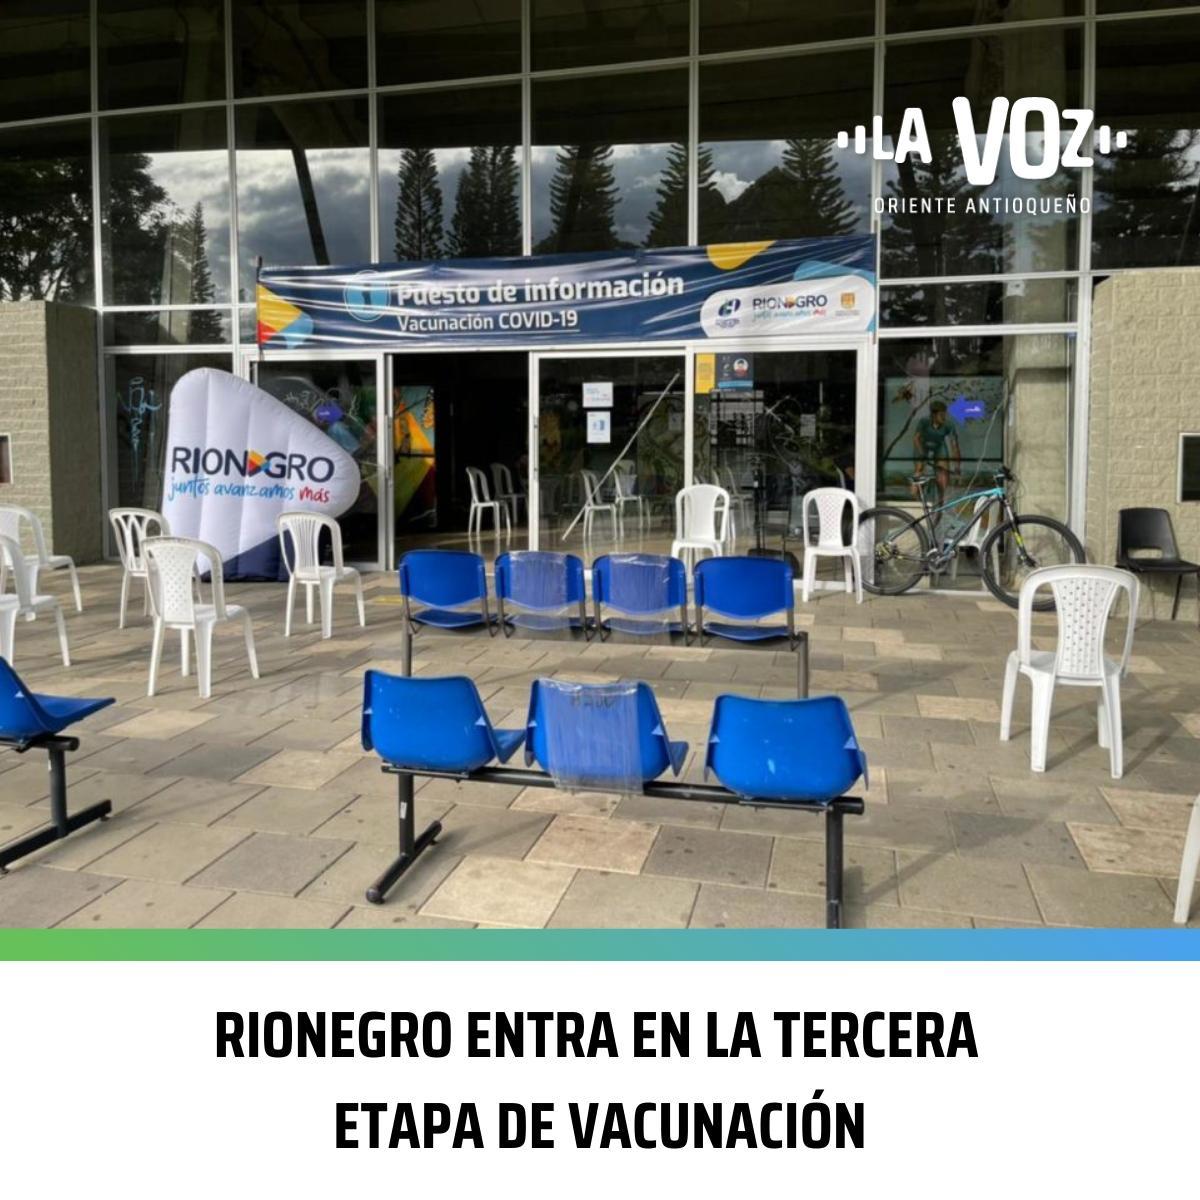 Rionegro entra en la Tercera Etapa de Vacunación